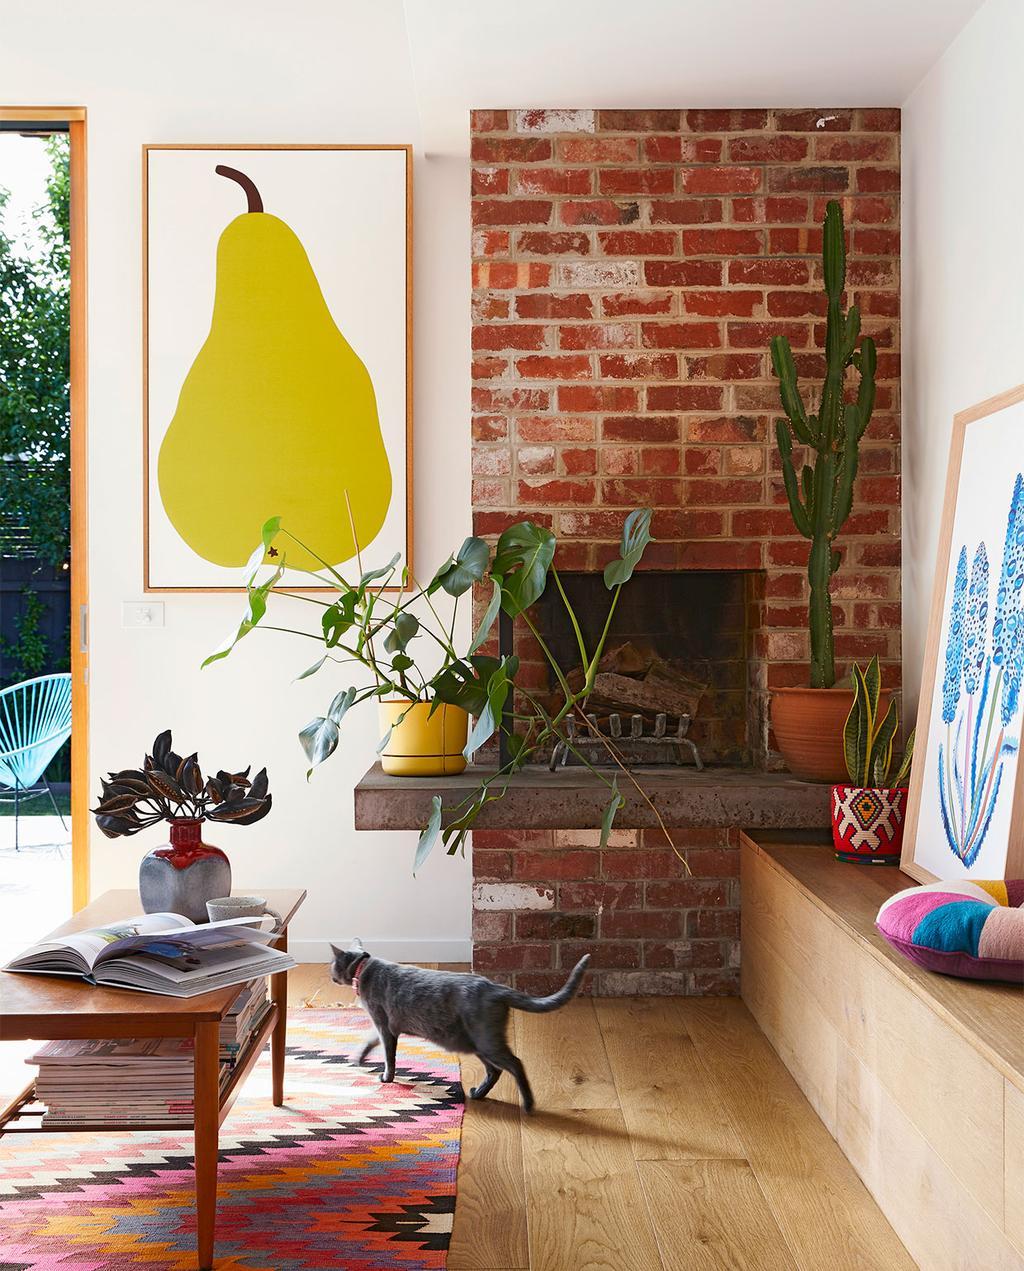 vtwonen binnenkijk special zomerhuizen 07-2021 | groot schilderij van een peer in de woonkamer